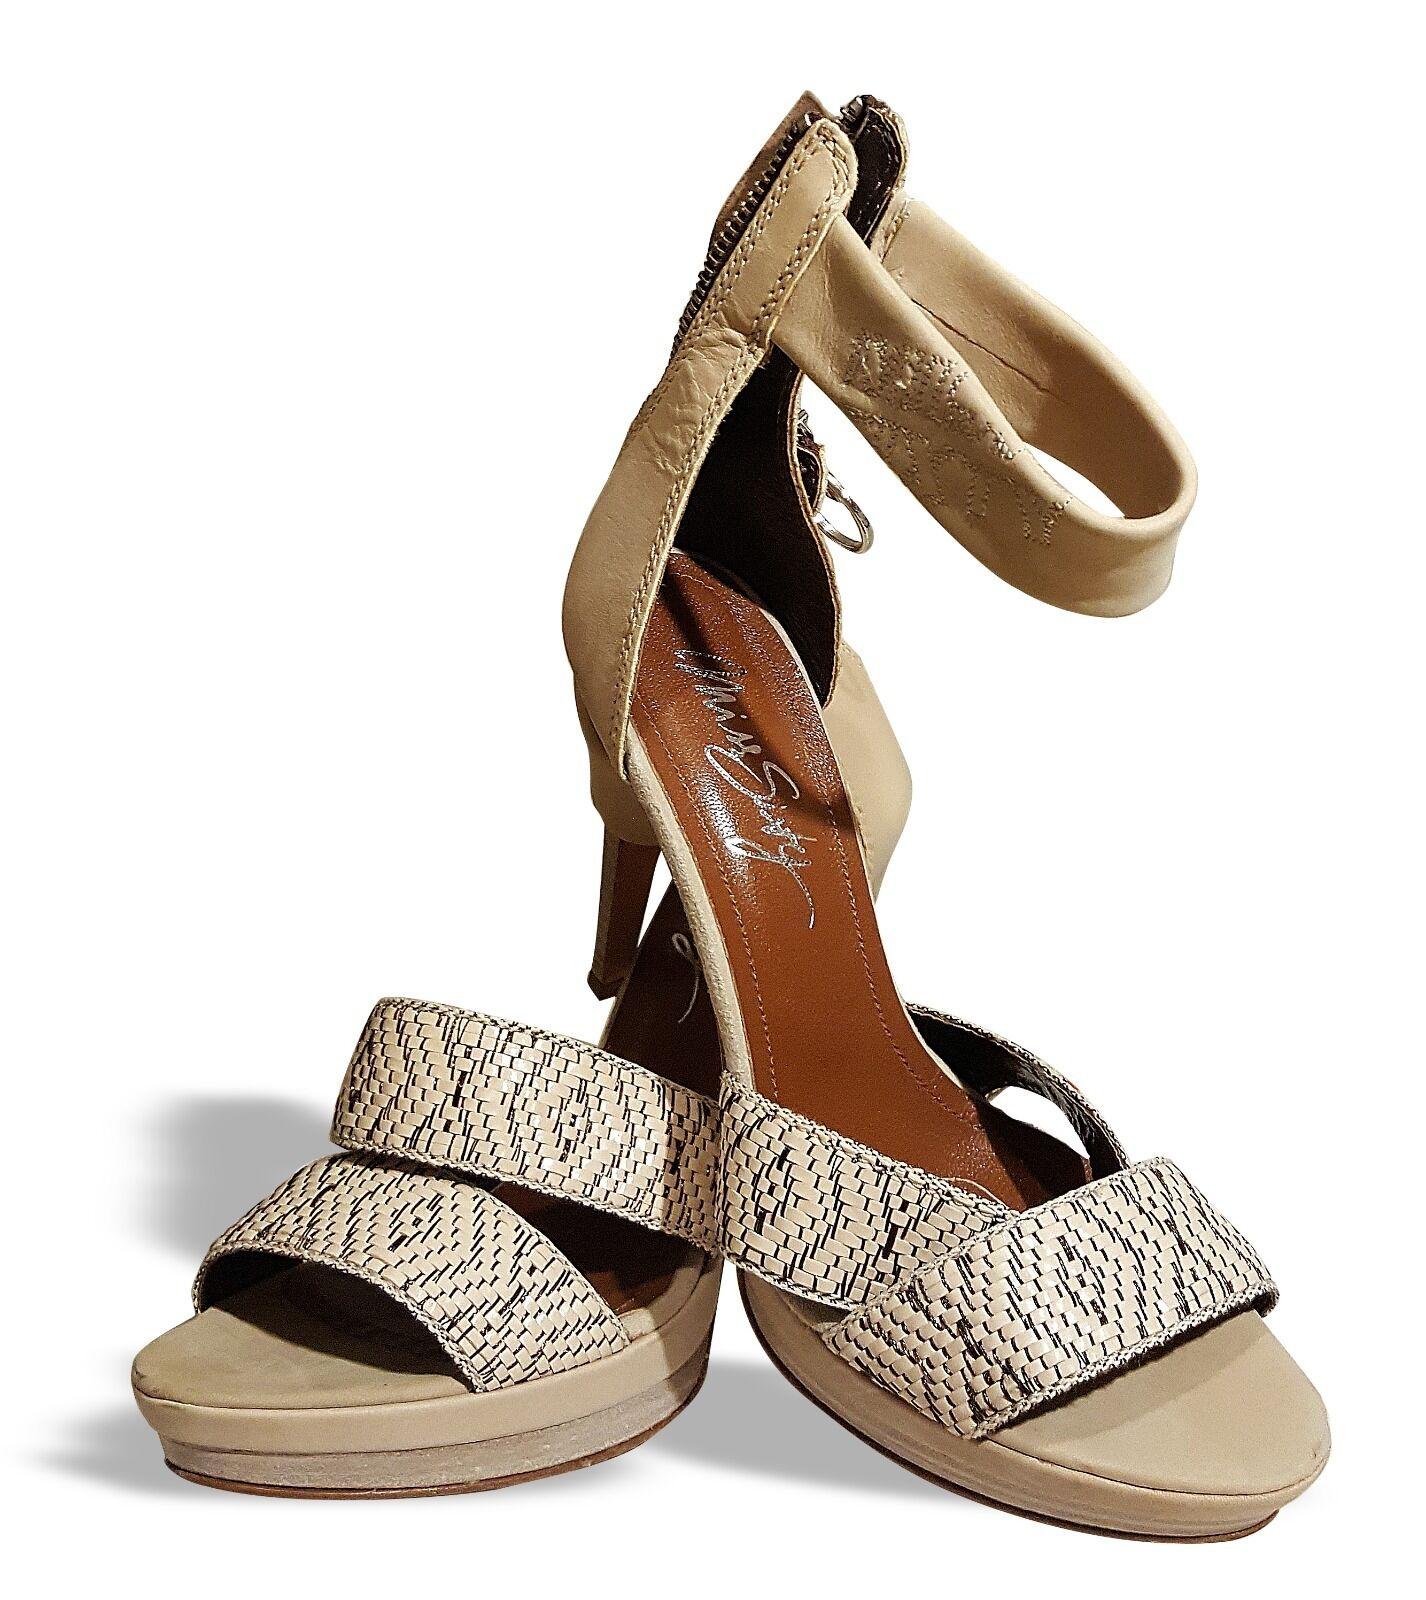 MISS MISS MISS SIXTY komplett Echtleder Platform Sandaletten Gr.37 Neu Beige Italien d65d54